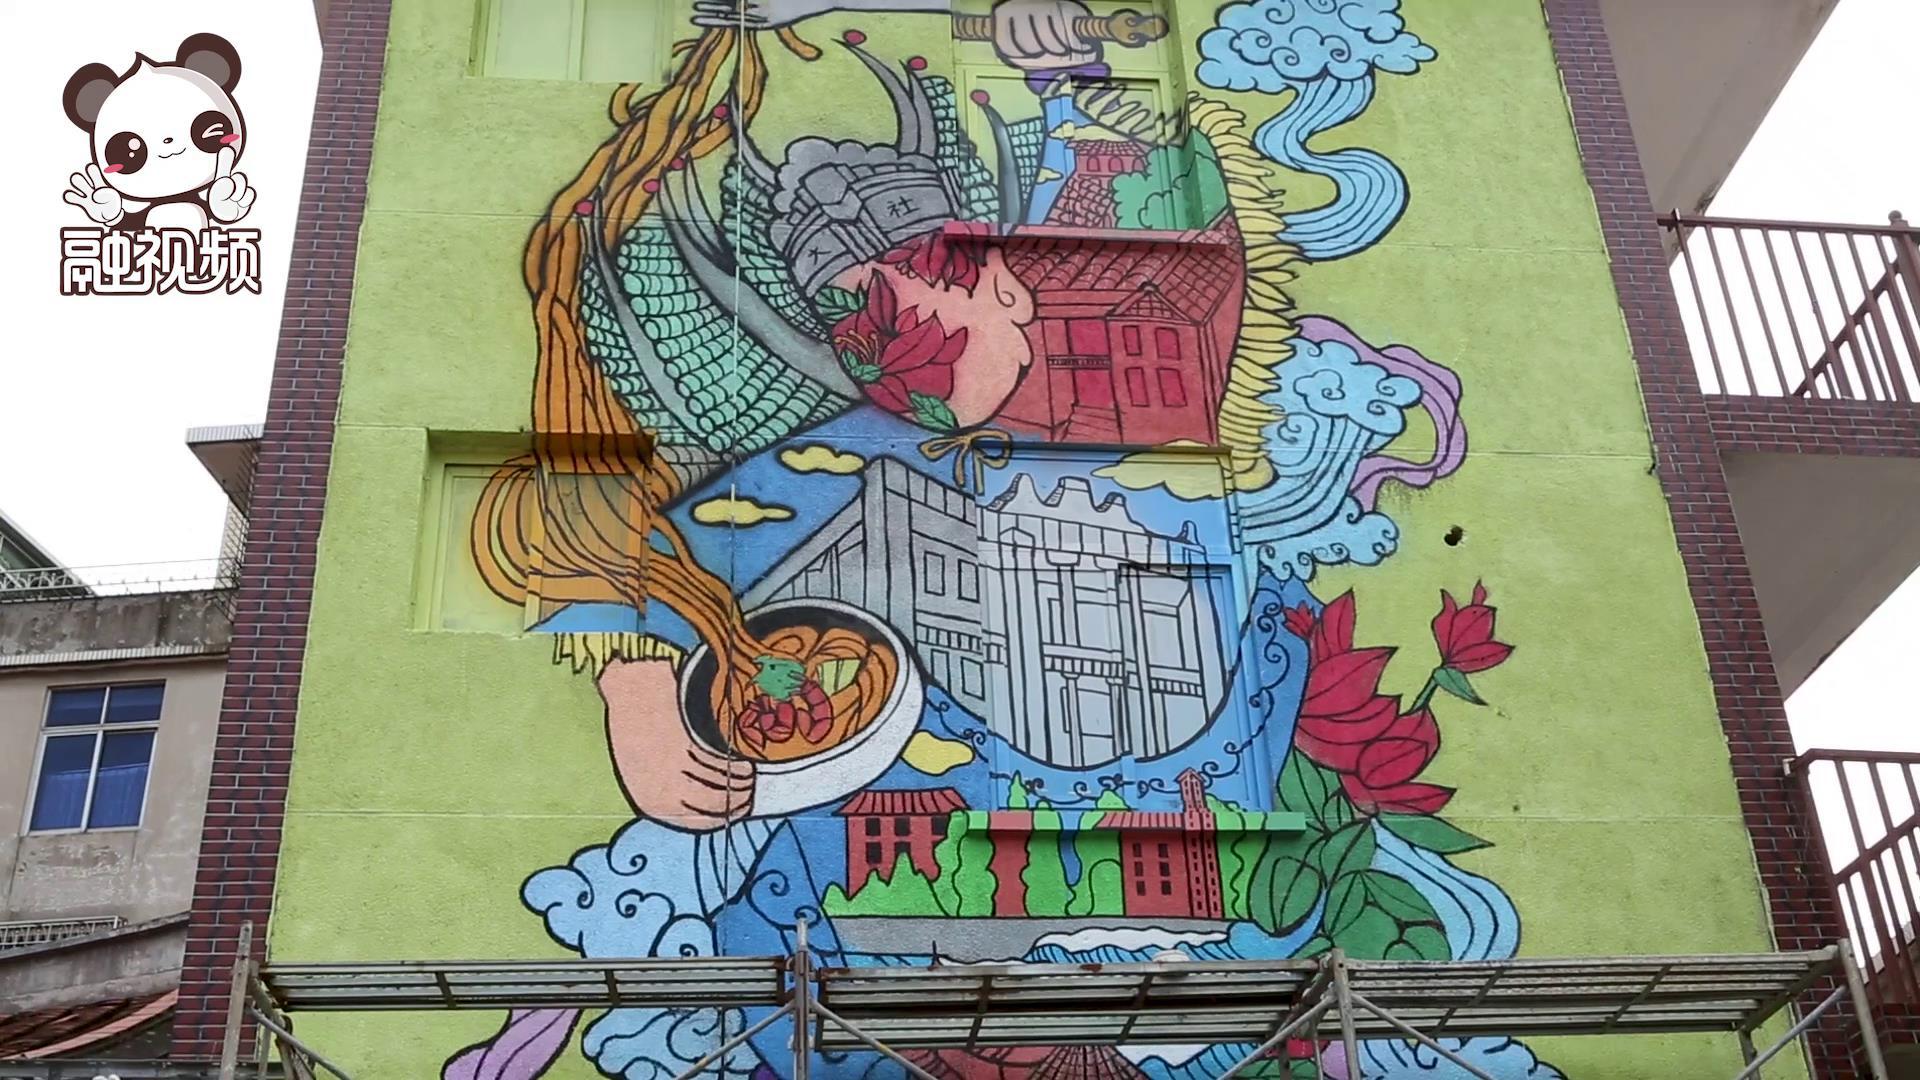 有趣的灵魂在厦门汇聚 台湾美女画师讲述她的两岸故事图片